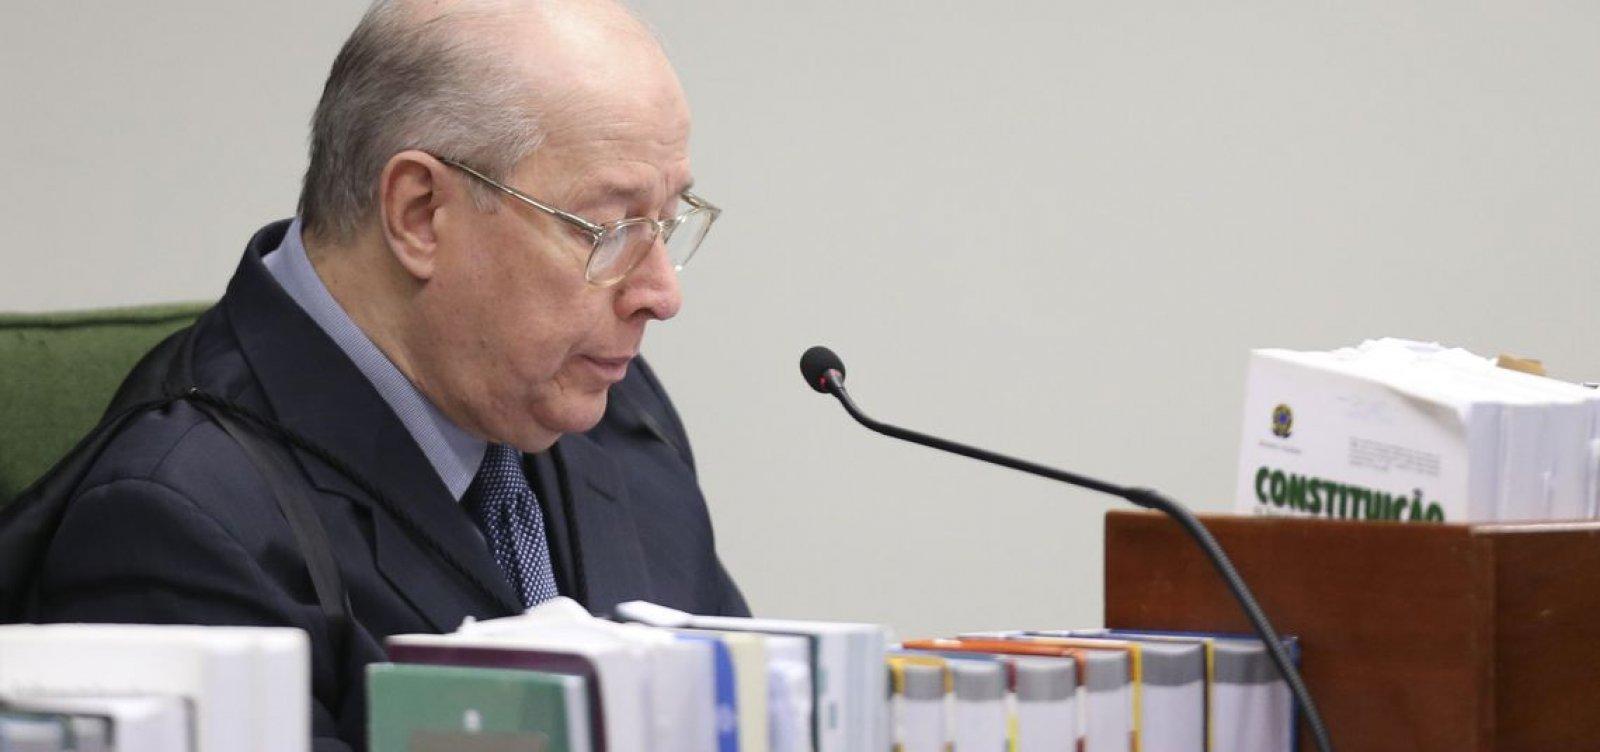 Brasil tem expectativas de respeito à Constituição, diz Celso de Mello